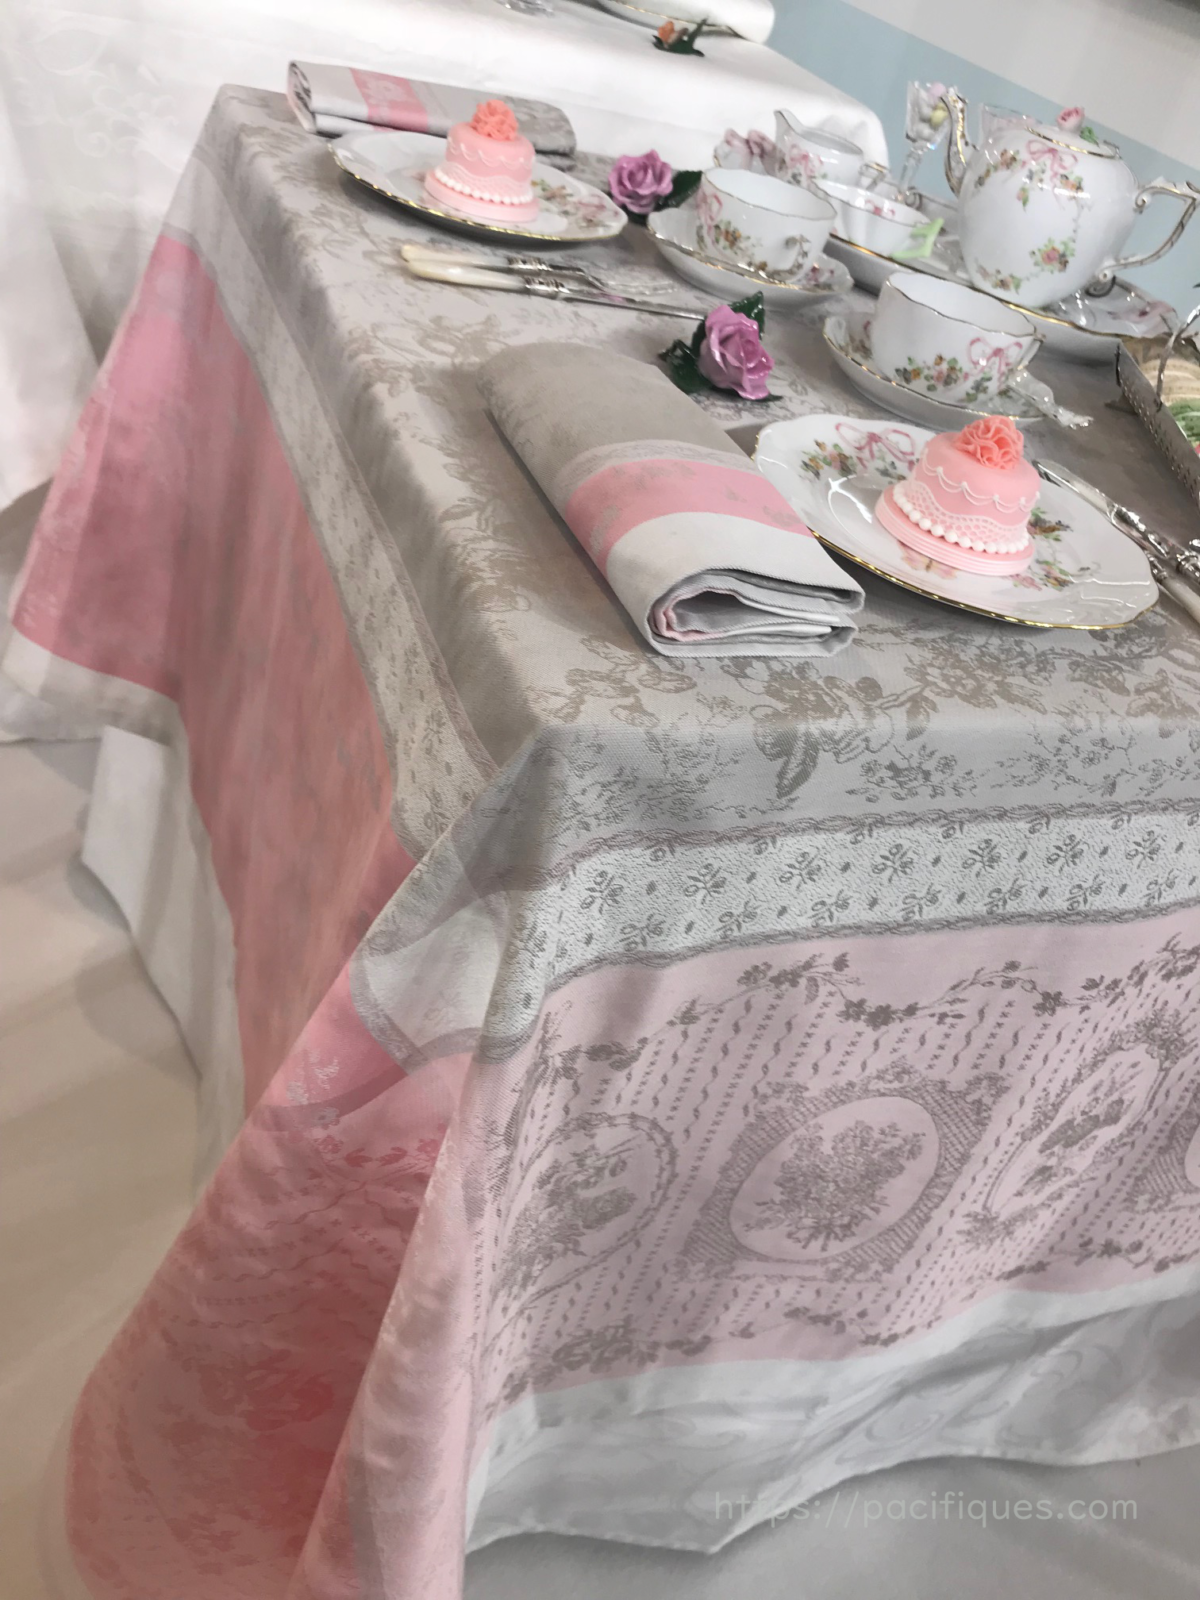 ガルニエ・ティエボー(Garnier Thiebaut)テーブルウェア・フェスティバル2019ヘレンド リサンドラローズ